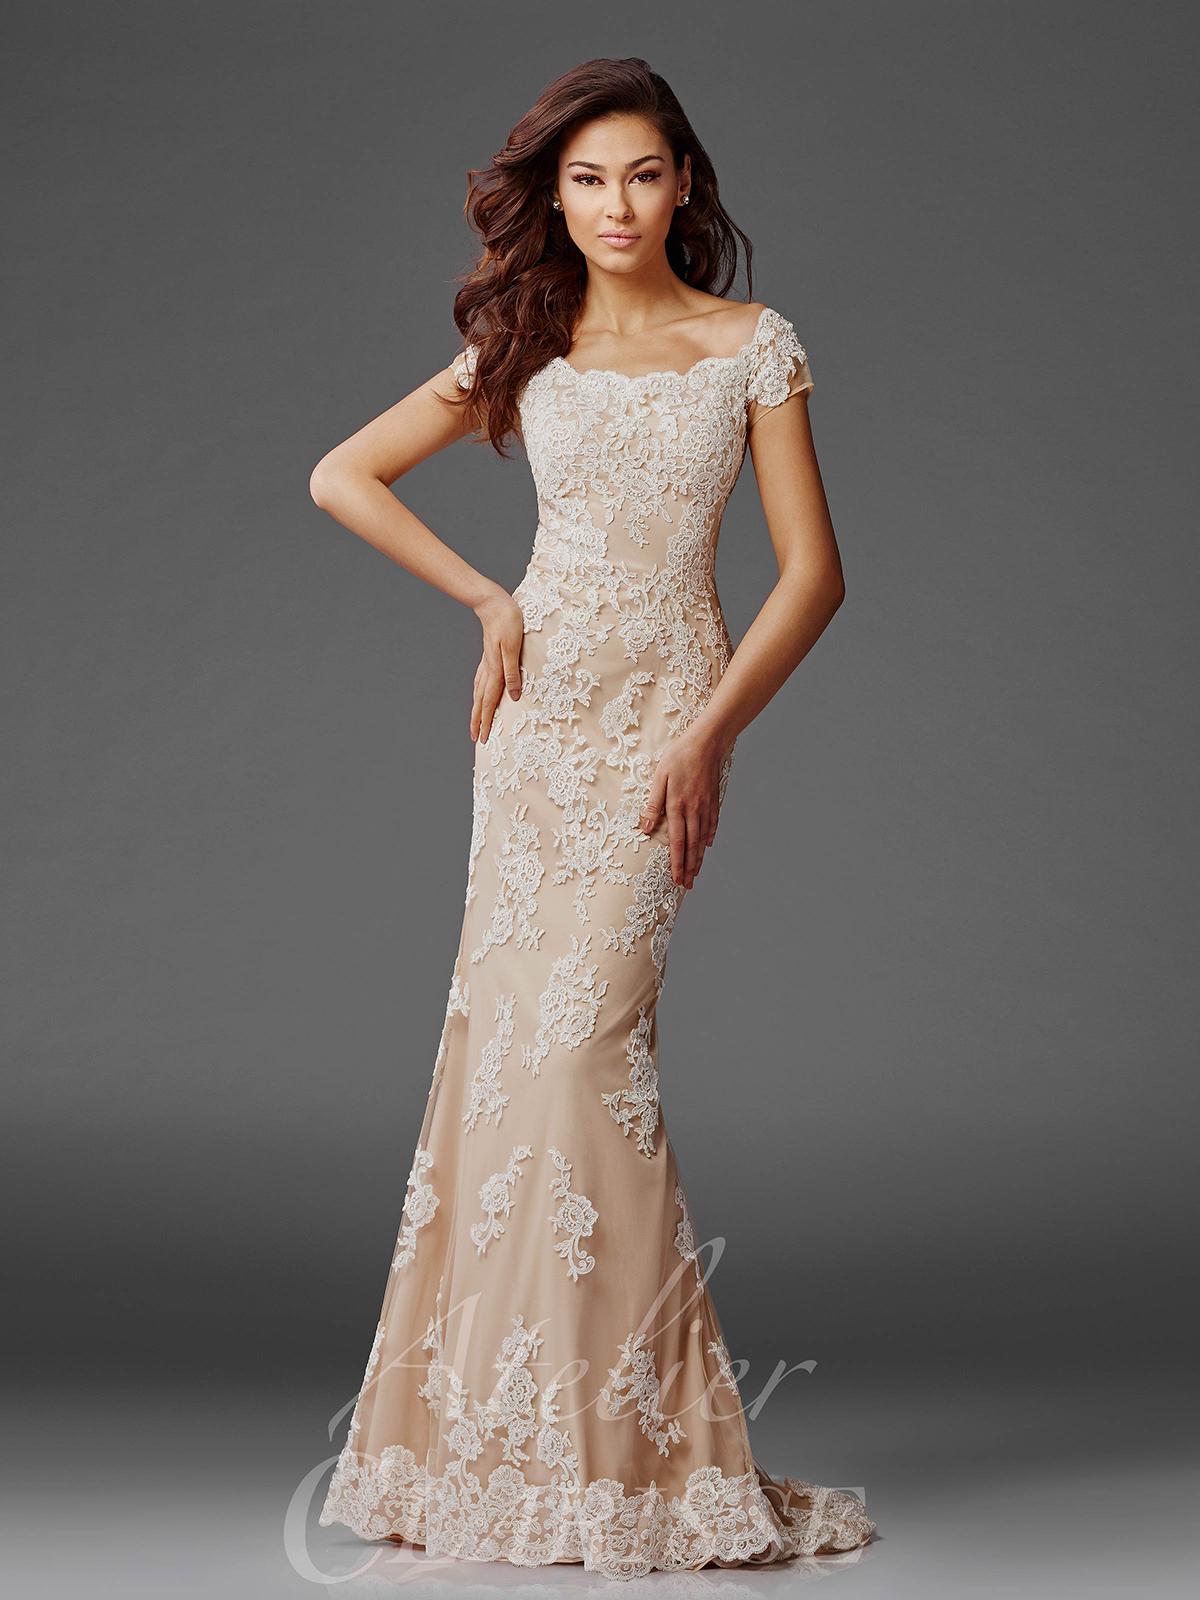 صور موديلات فساتين سهرة , انتى الاجمل عندما ترتدى هذا الفستان